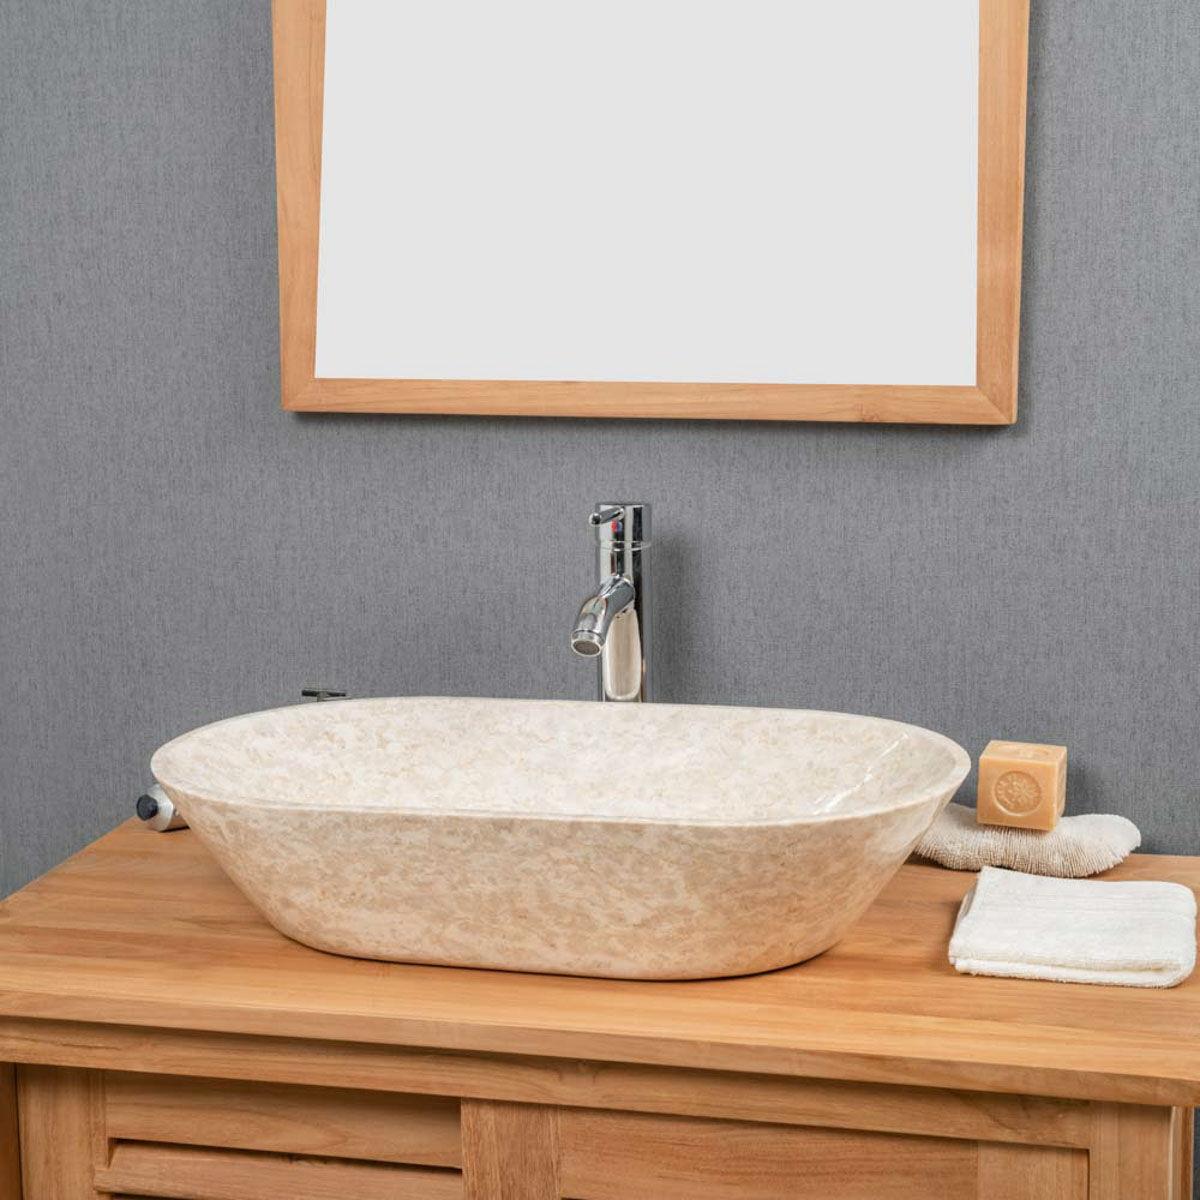 Wanda Collection Vasque Salle de bain en Marbre Eve crème 60 cm